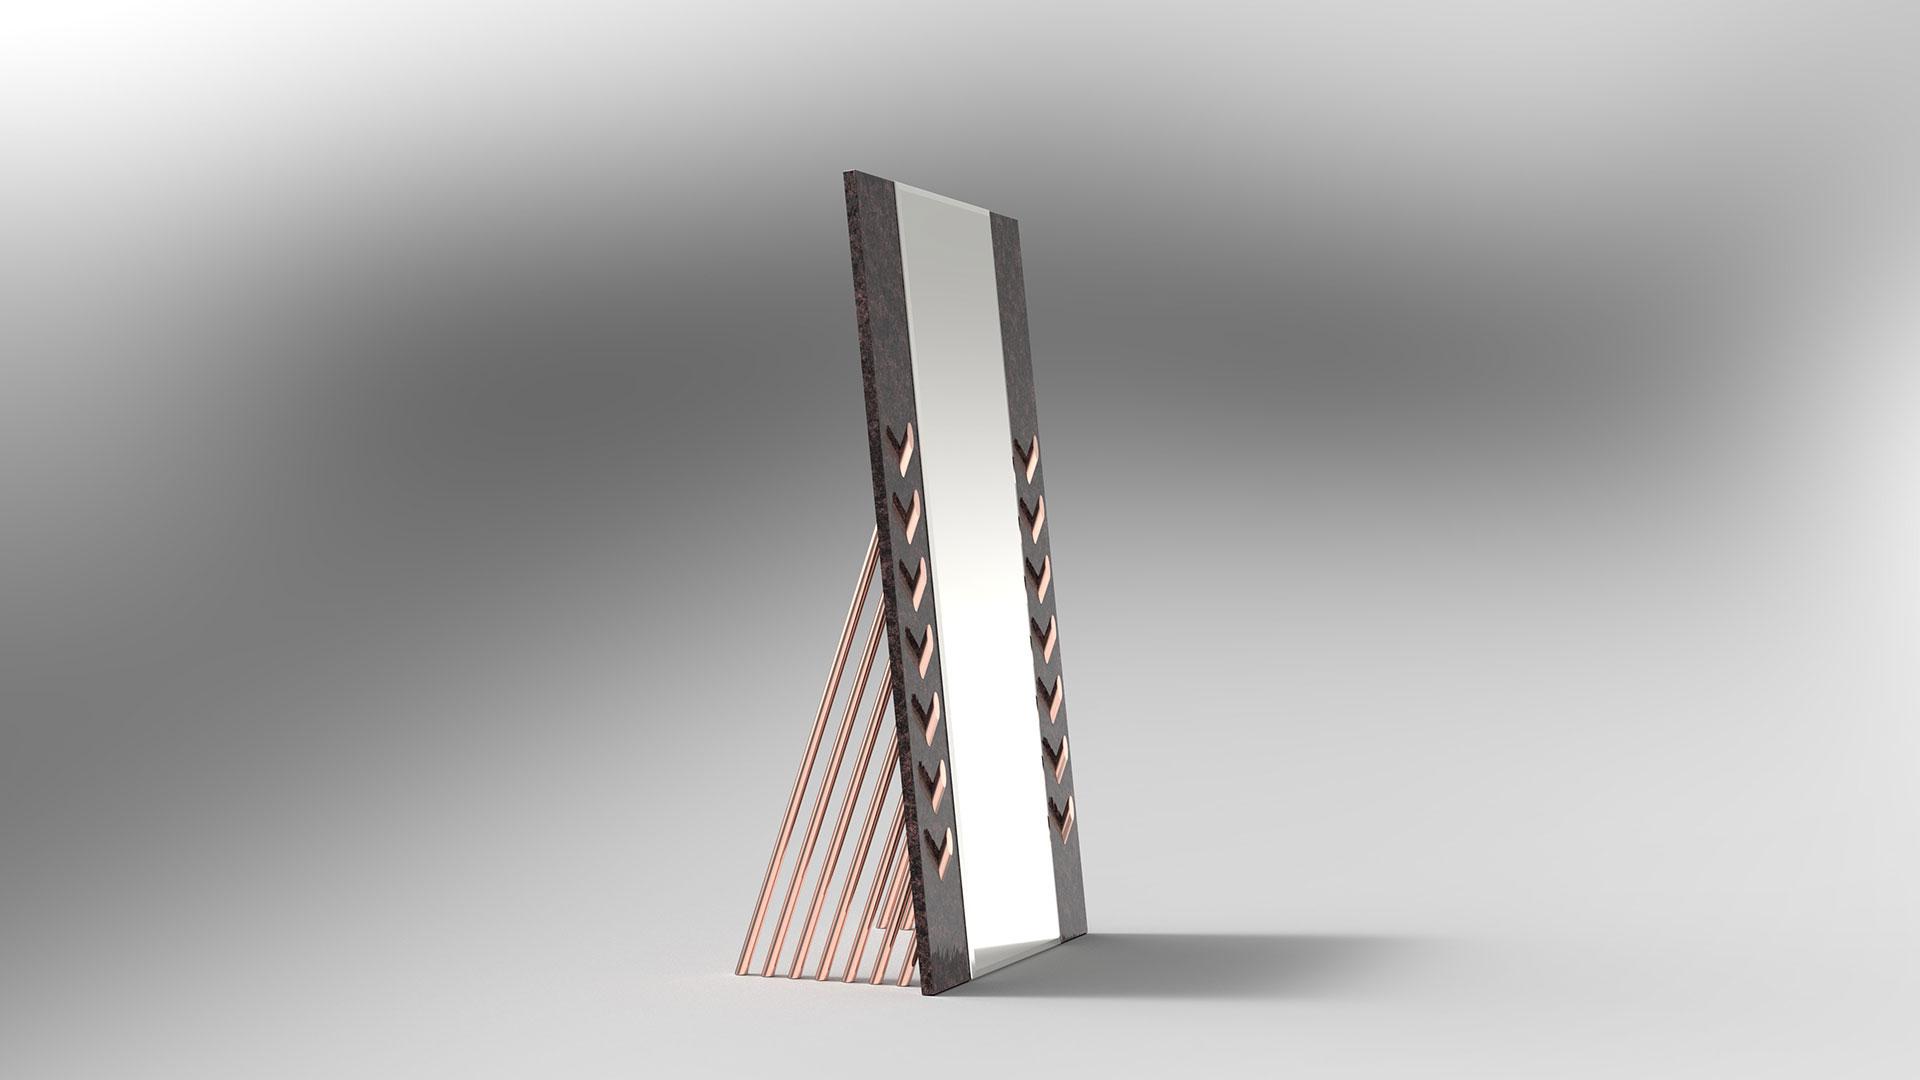 Fashion floor mirror by Adam Edward Design